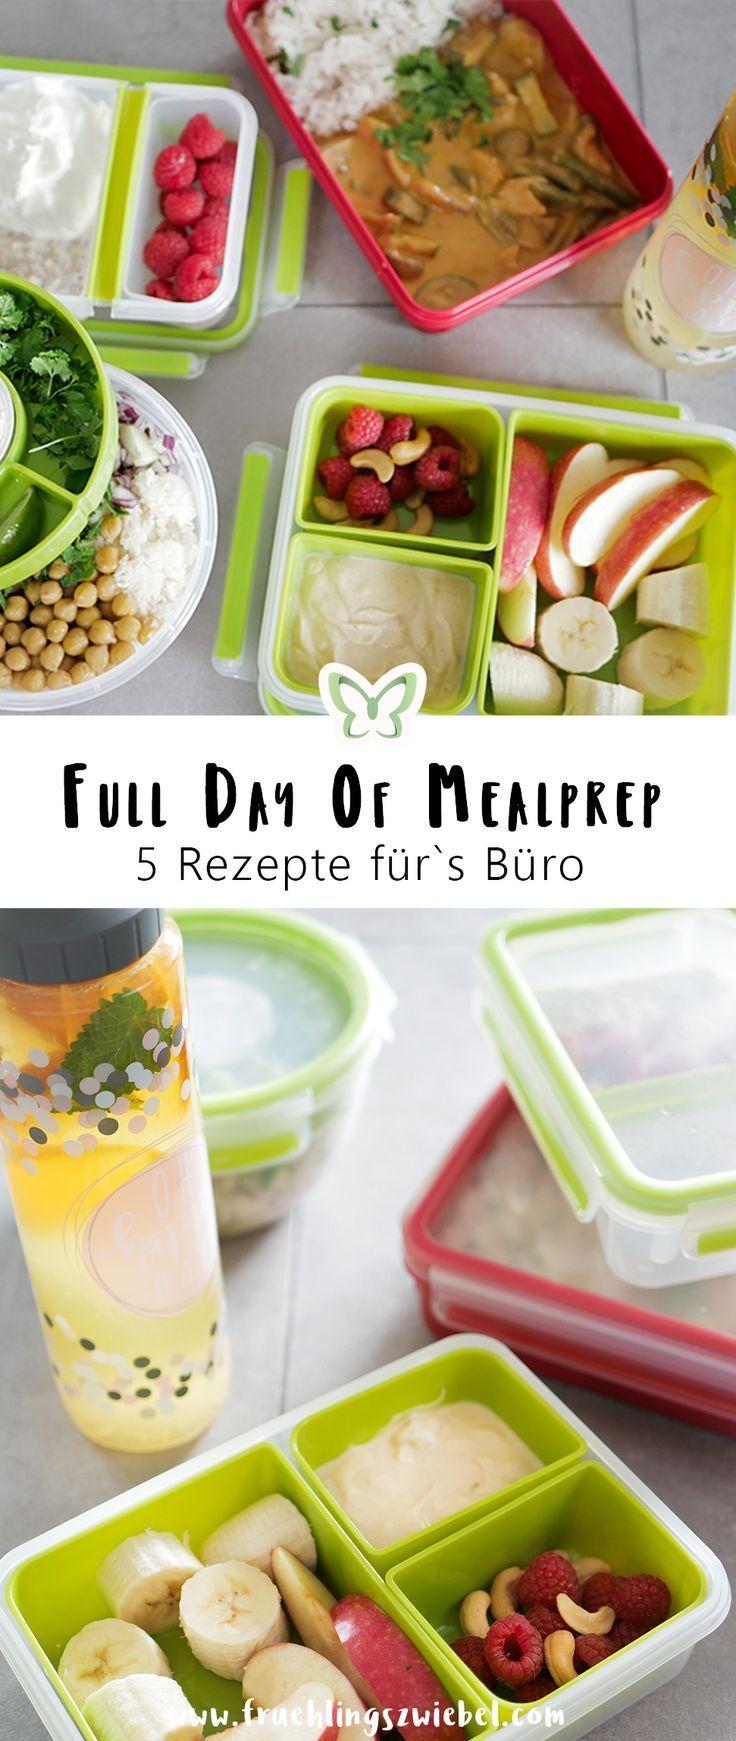 4 einfache Meal Prep Rezepte fürs Büro – 1600 Kalorien Beispieltag